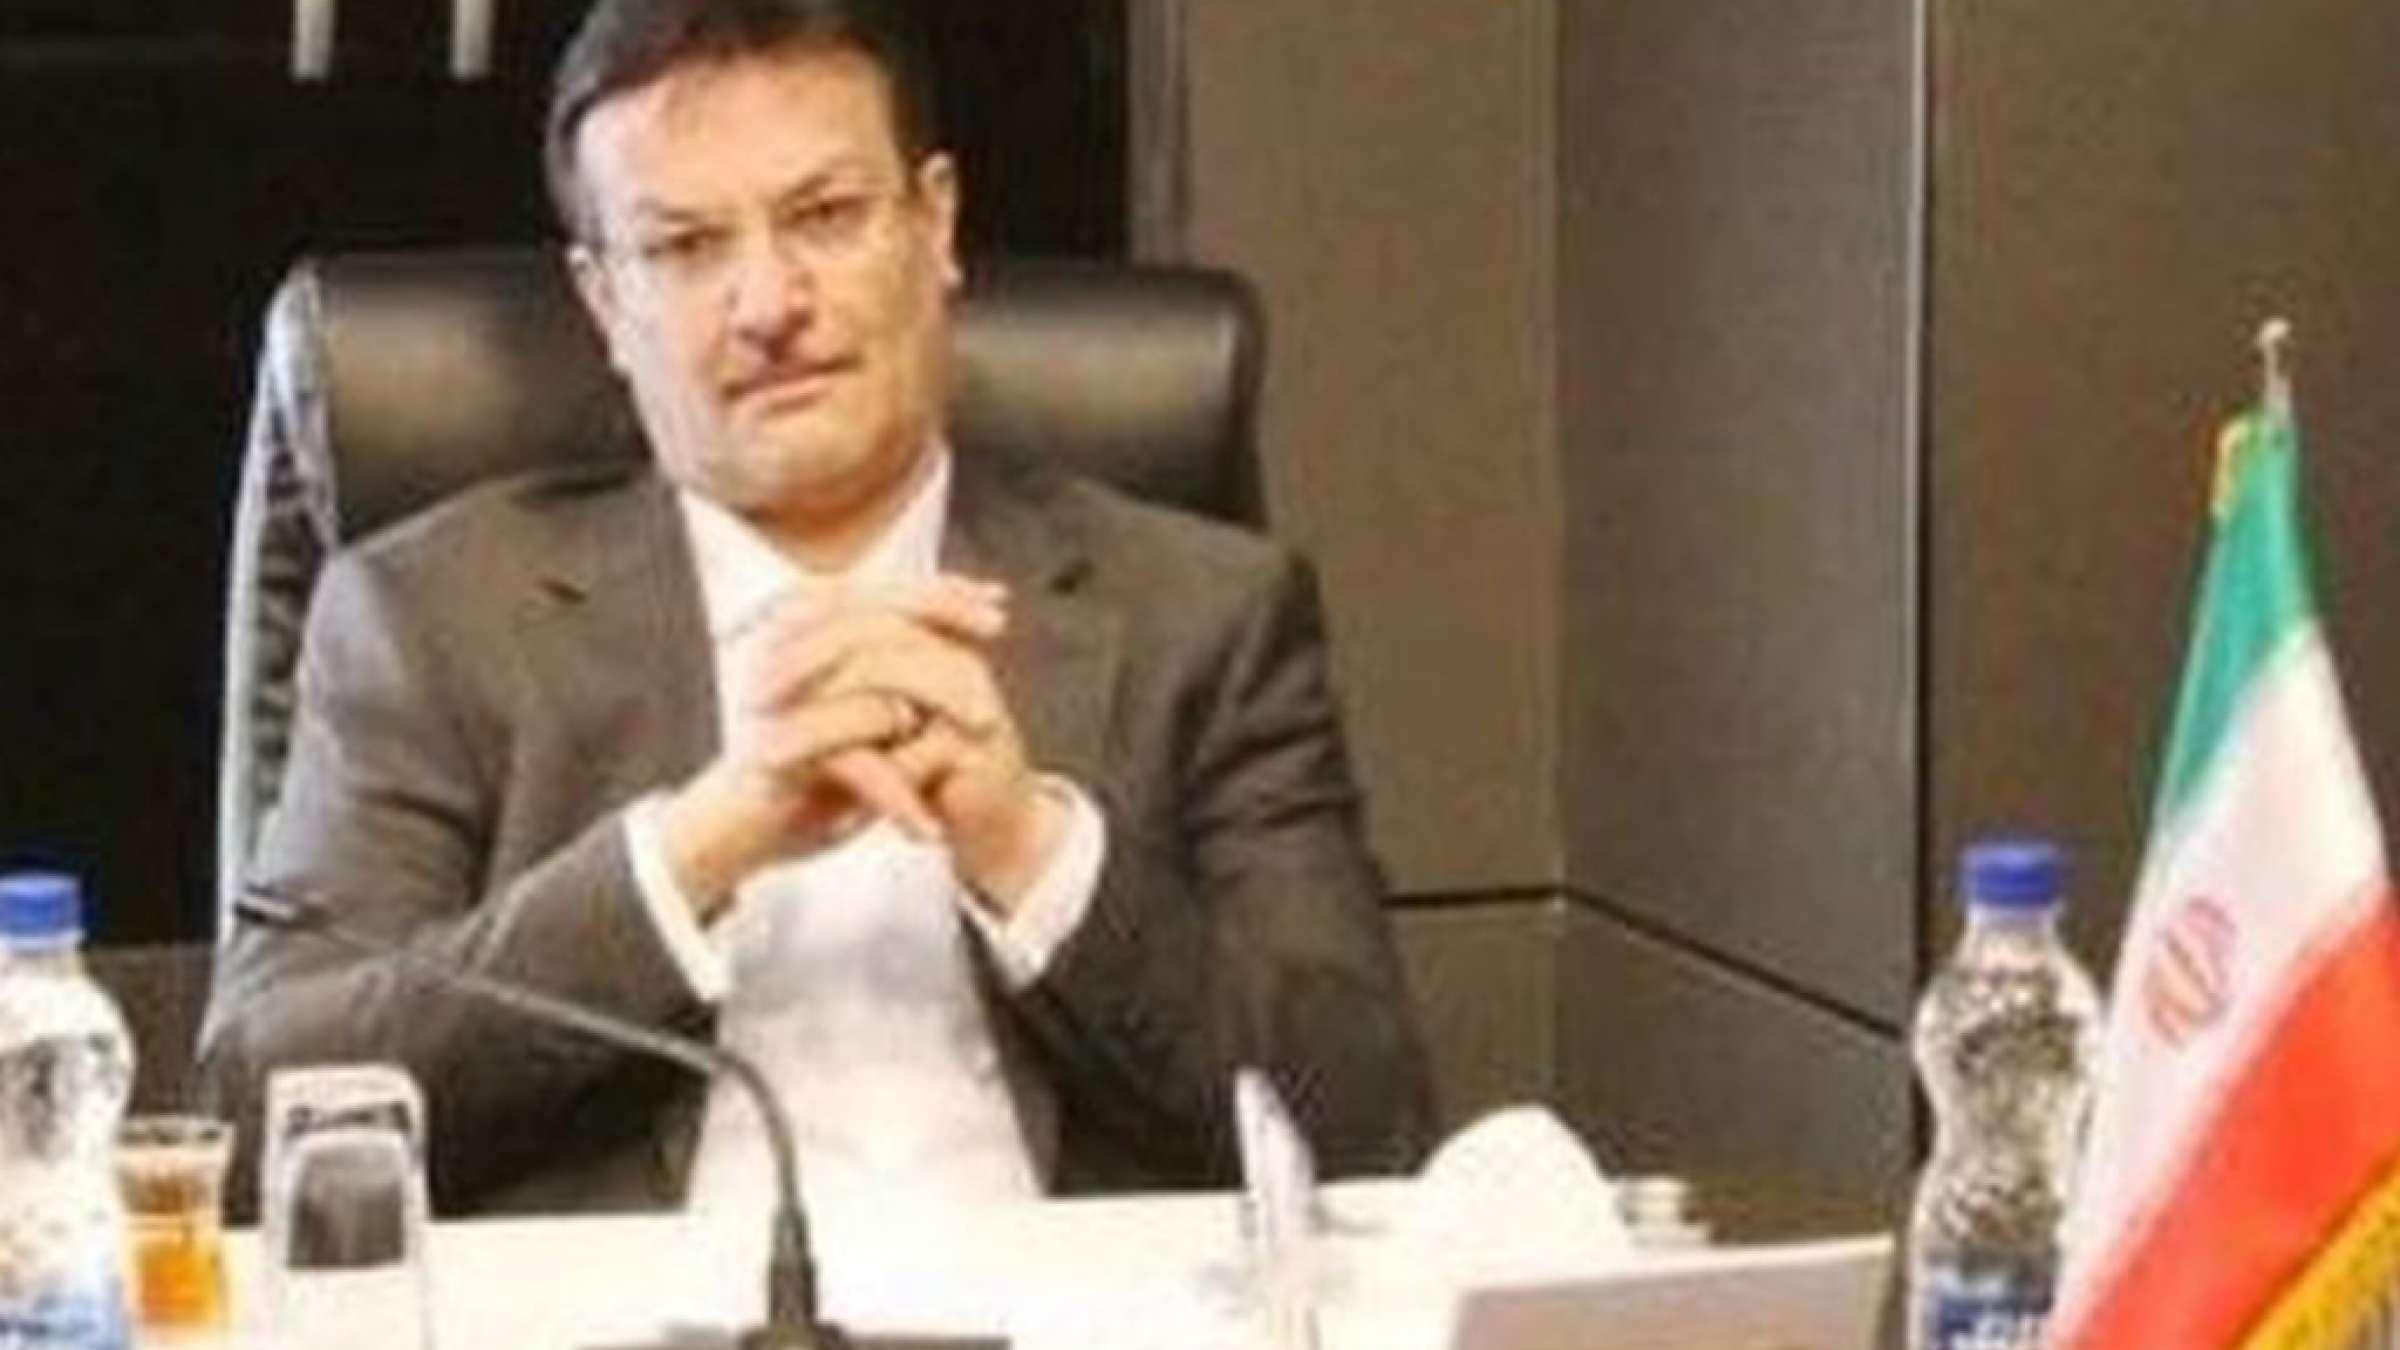 دستگیری-مدیرعامل-سابق-بانک-سرمایه-در-اسپانیا-تنباکویی-اقتصاد